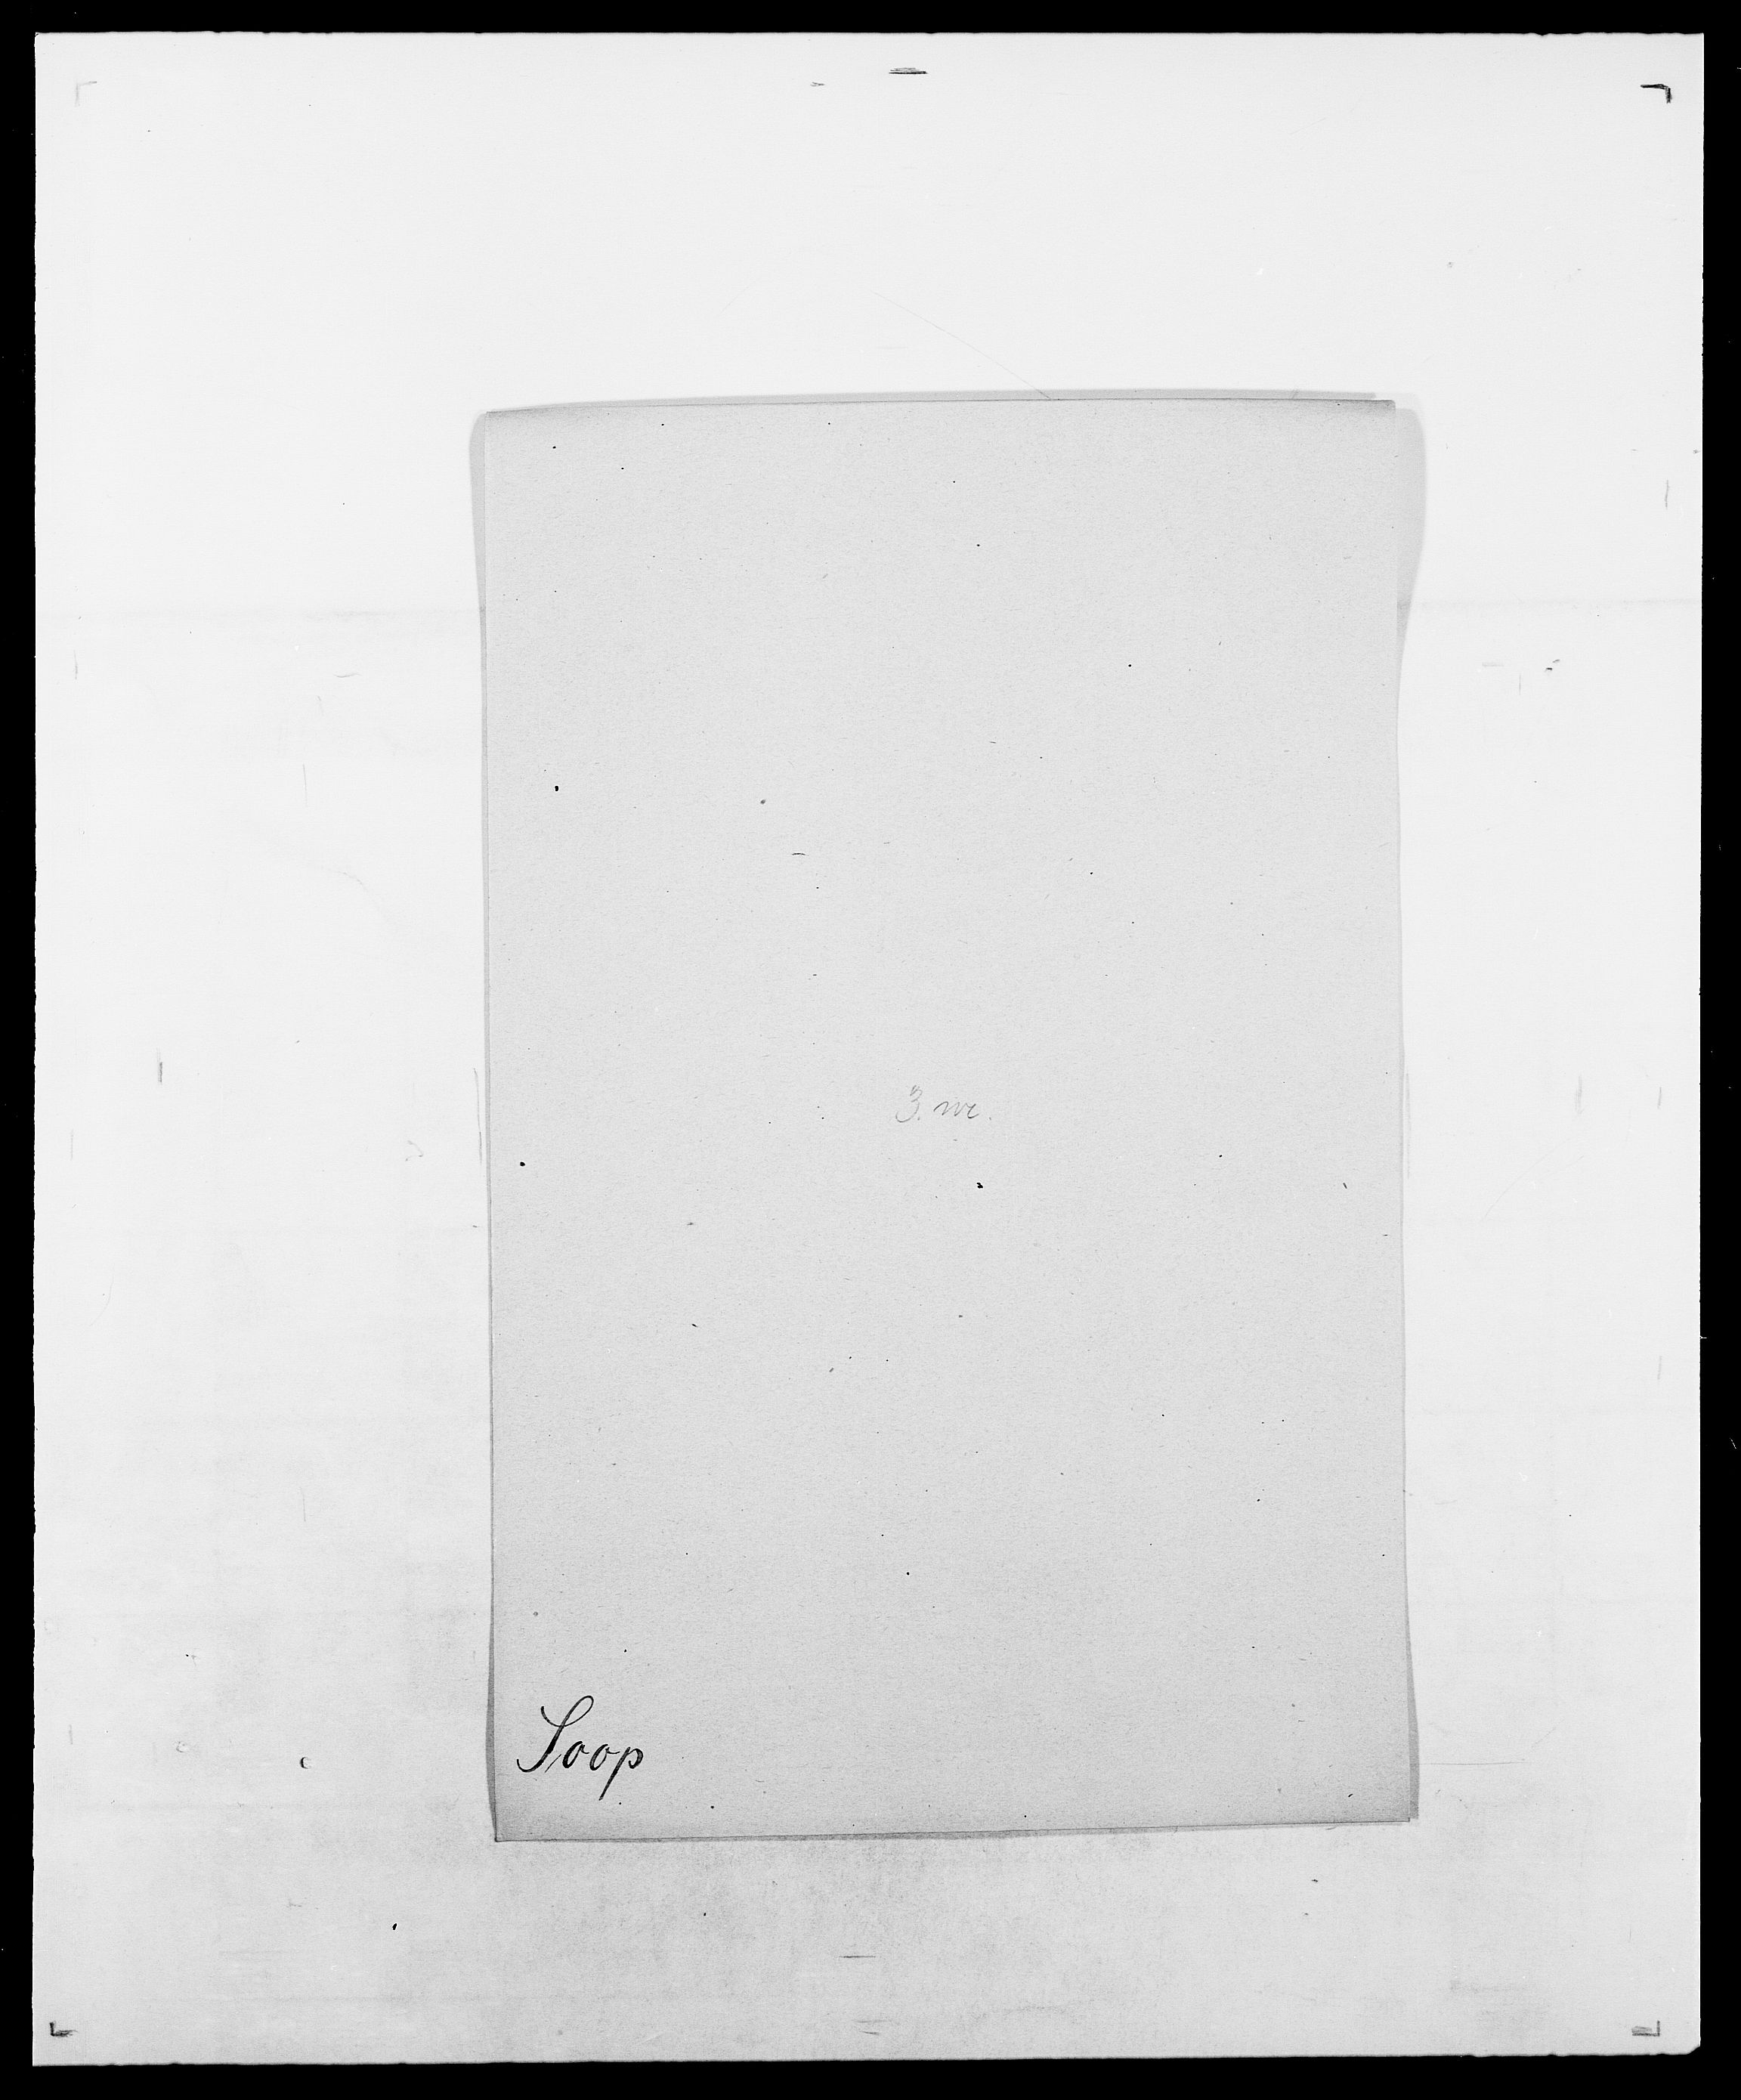 SAO, Delgobe, Charles Antoine - samling, D/Da/L0036: Skaanør - Staverskov, s. 492